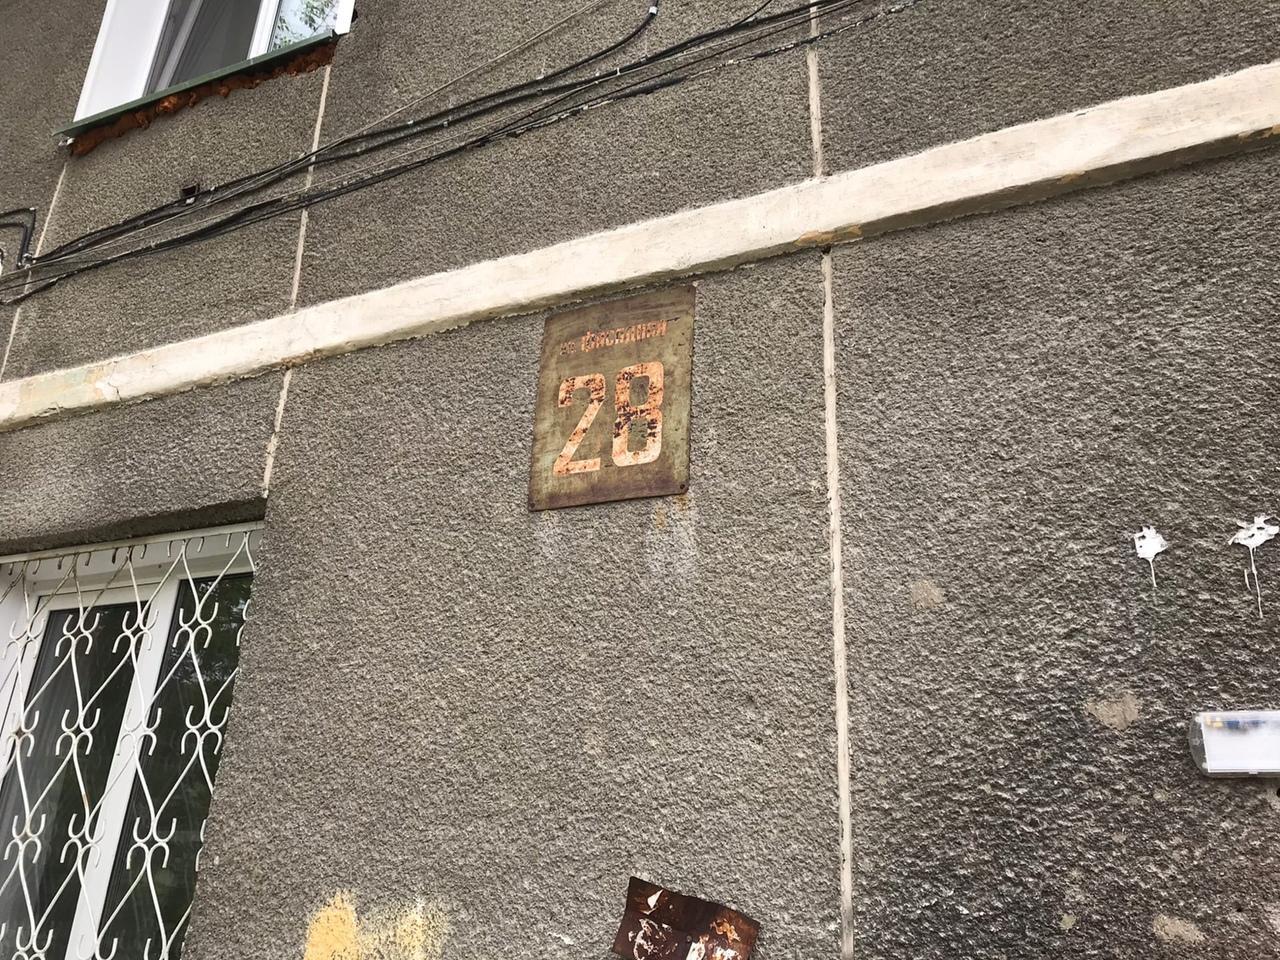 фото «Устроили балаган на весь дом, полиция не приехала»: что известно о пожаре с тремя погибшими в Новосибирске 3